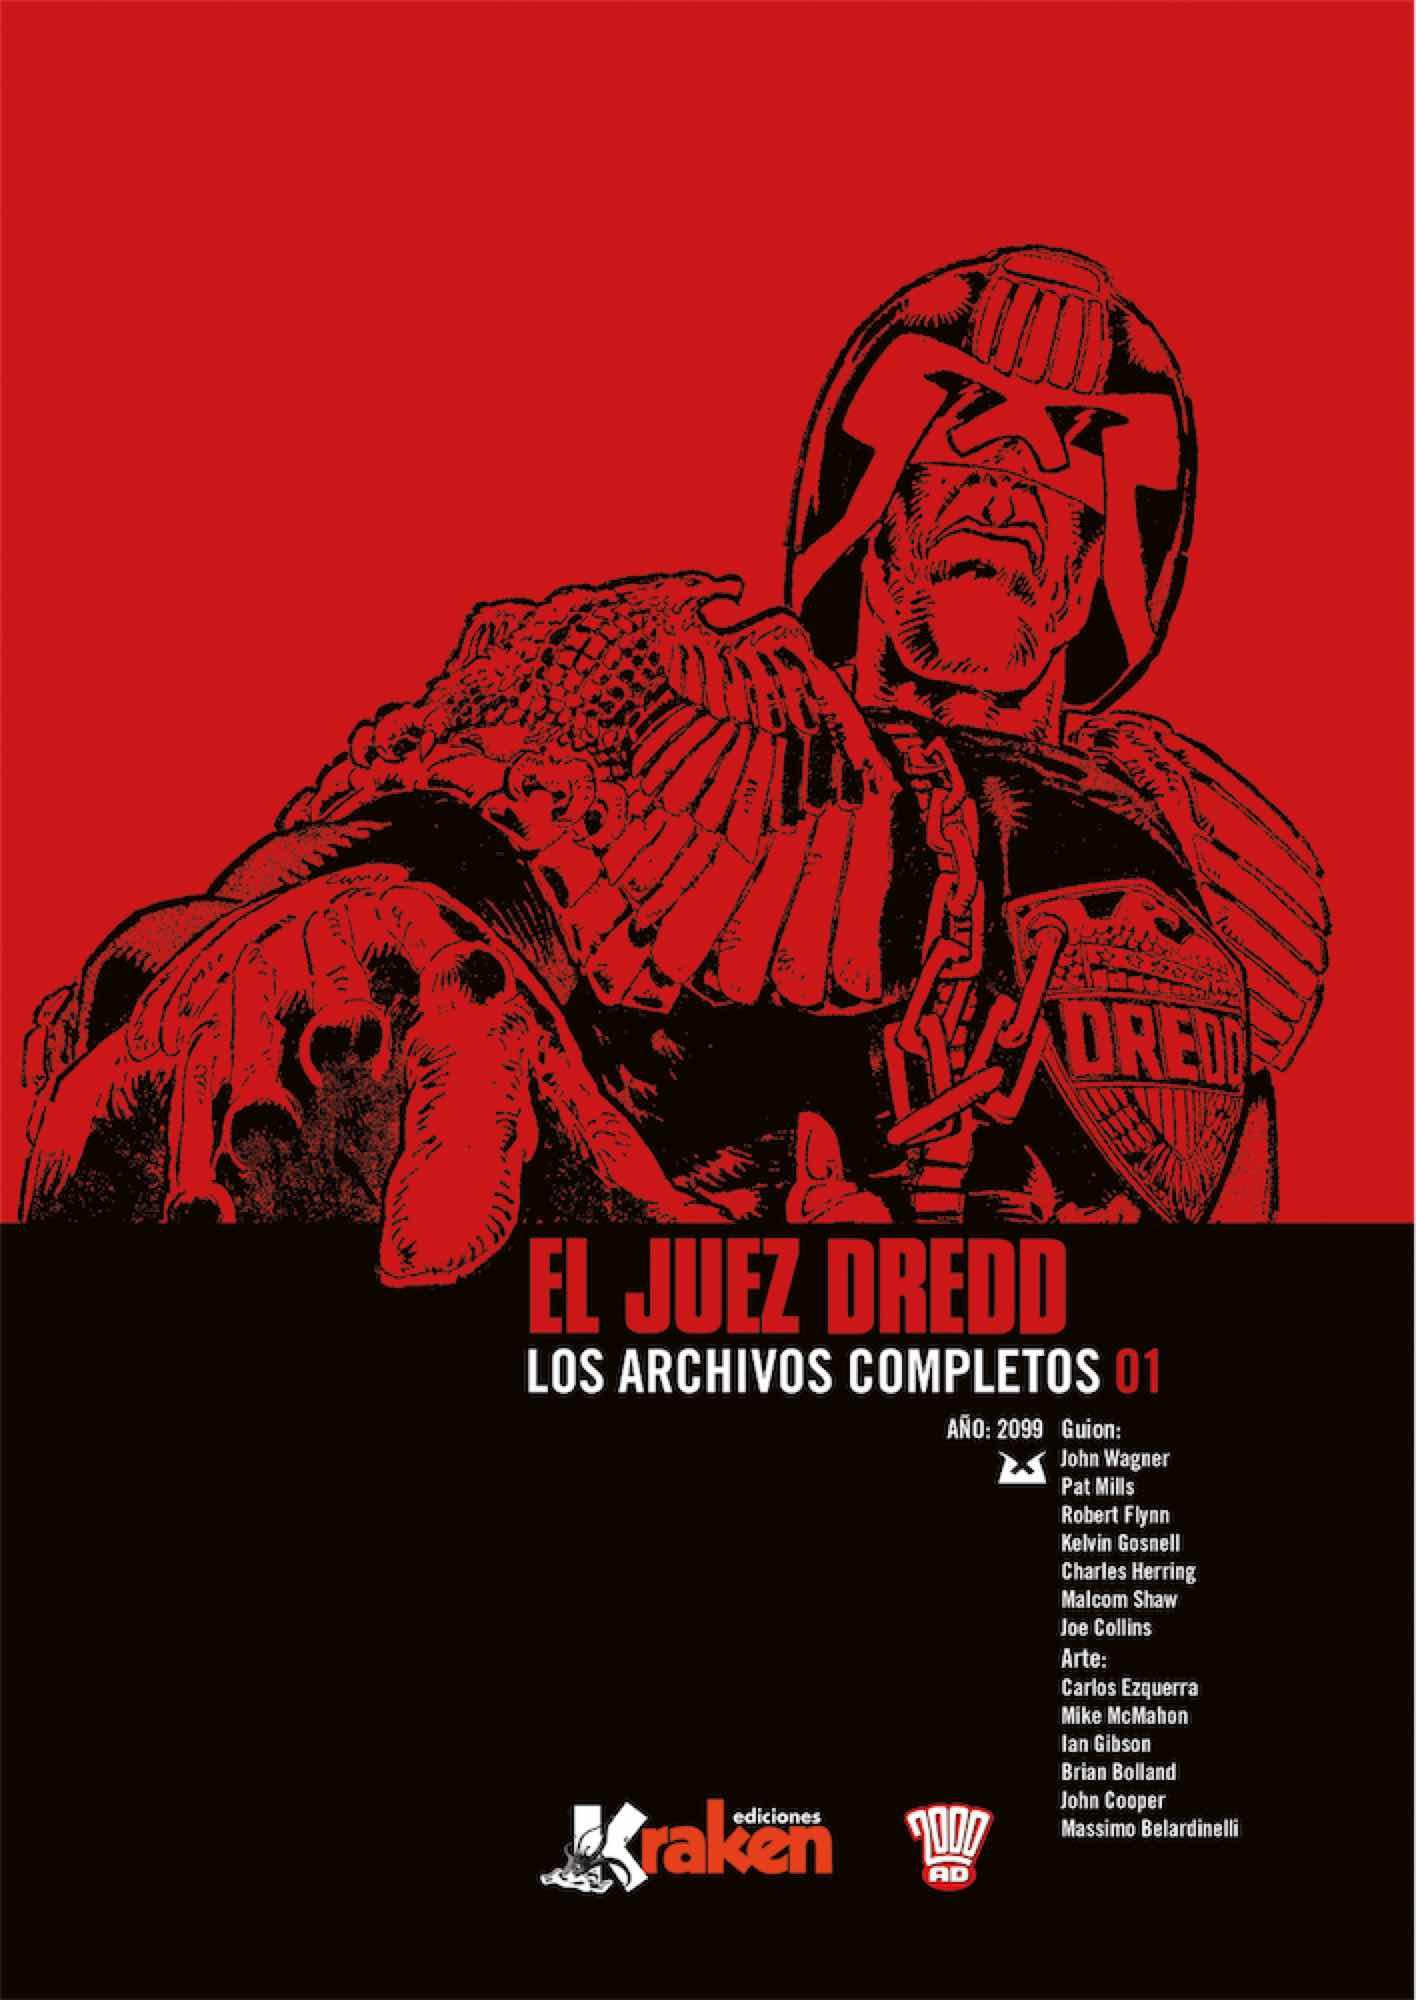 JUEZ DREDD LOS ARCHIVOS COMPLETOS 01 (INTEGRAL)